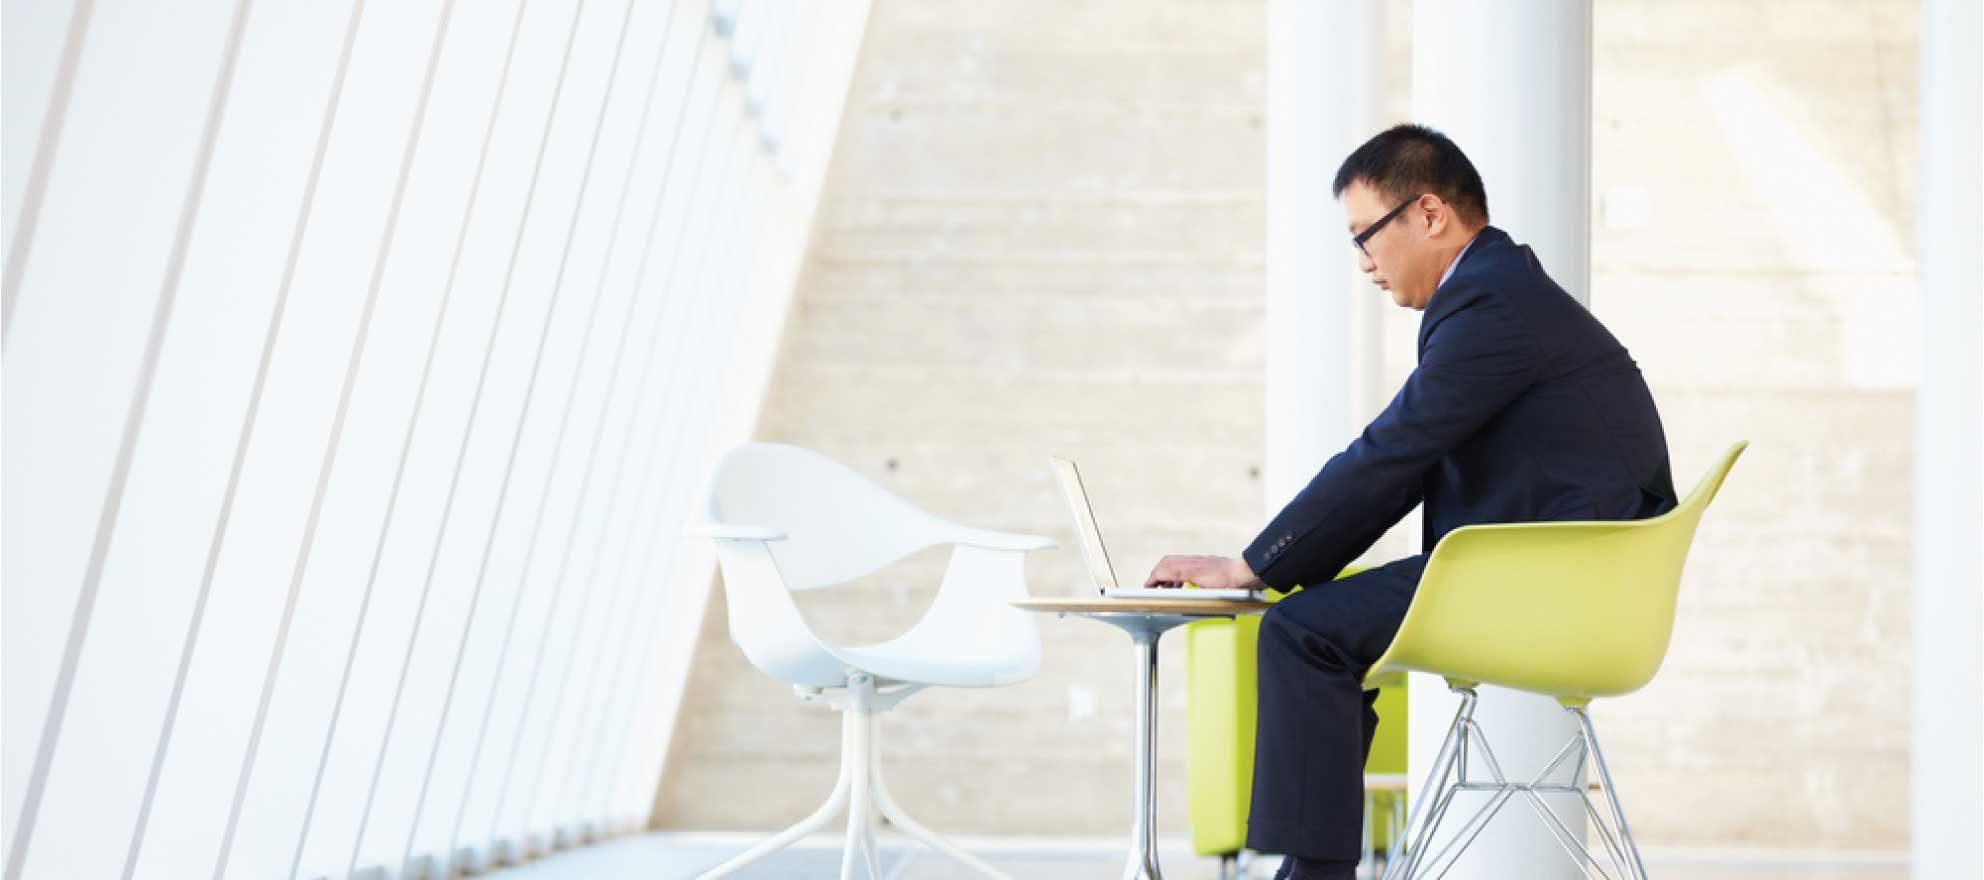 Master real estate inbound marketing in 3 steps